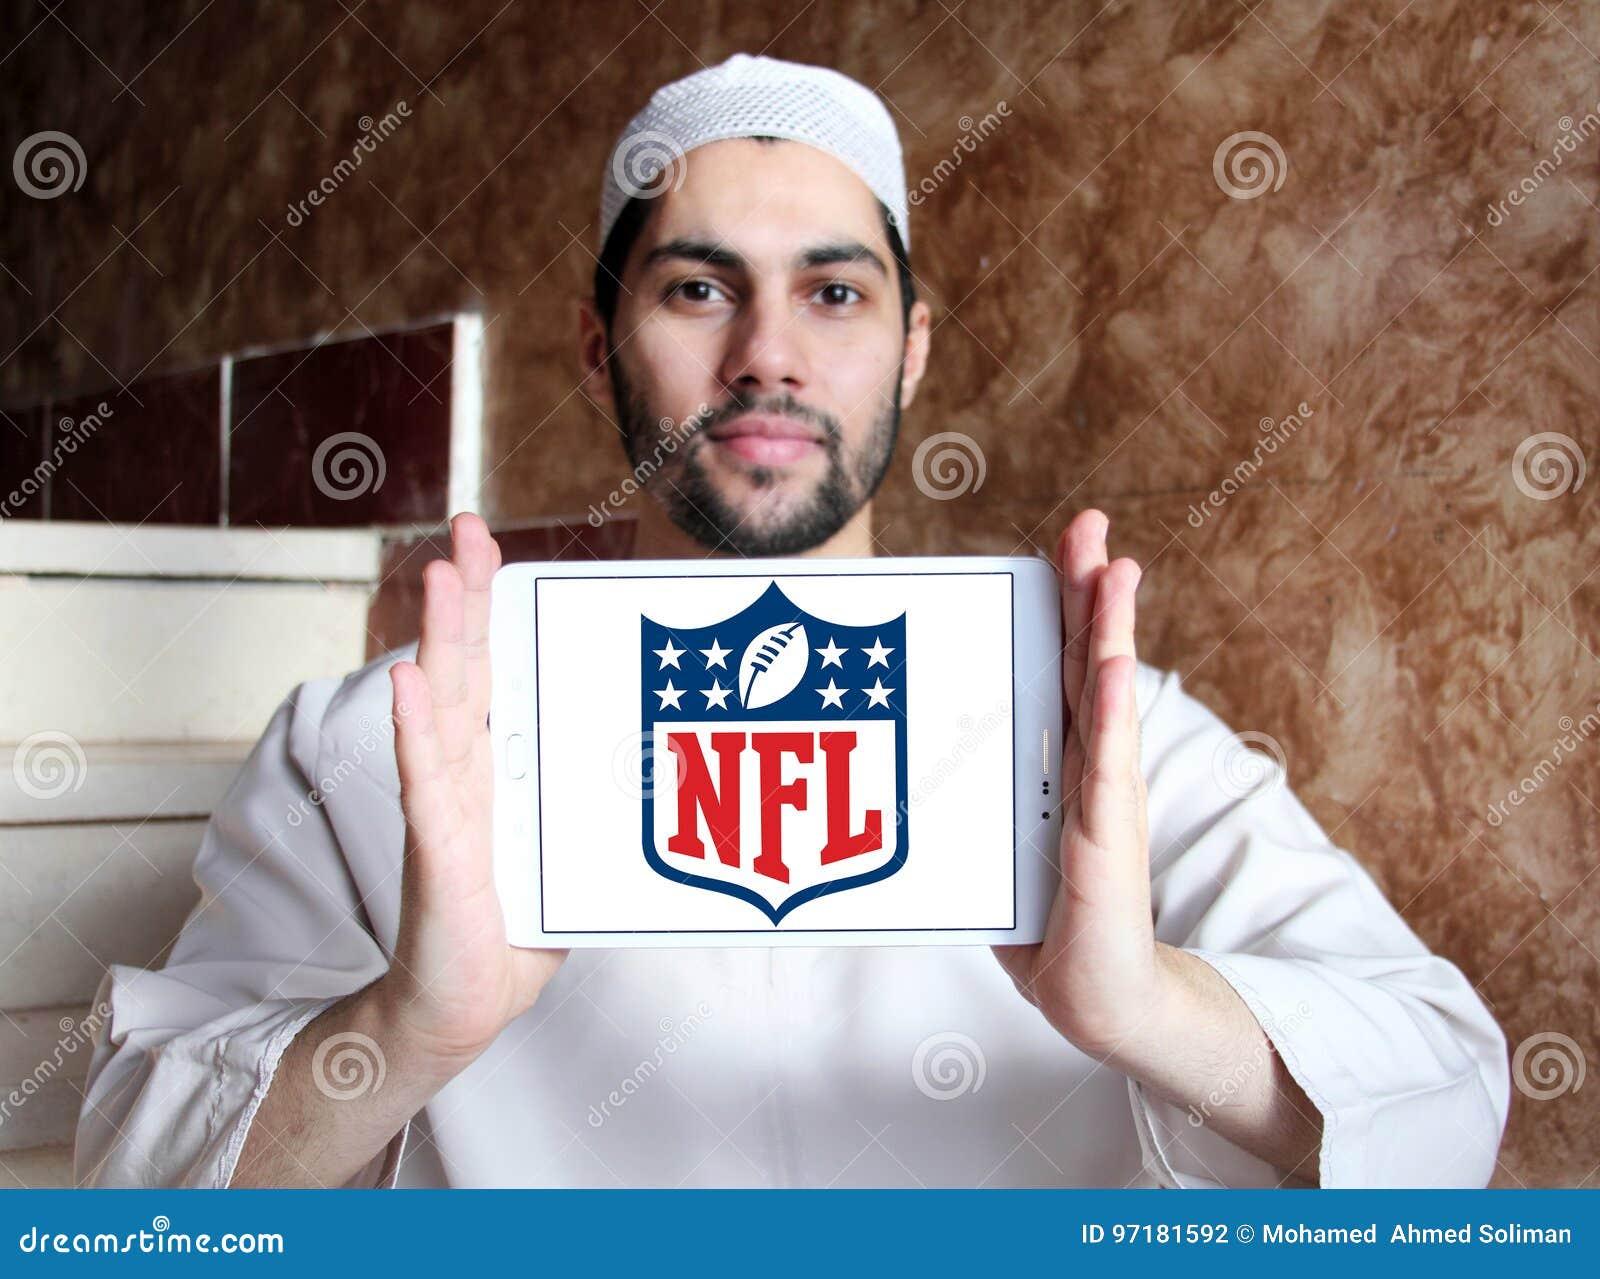 Nfl, logo della lega nazionale di football americano